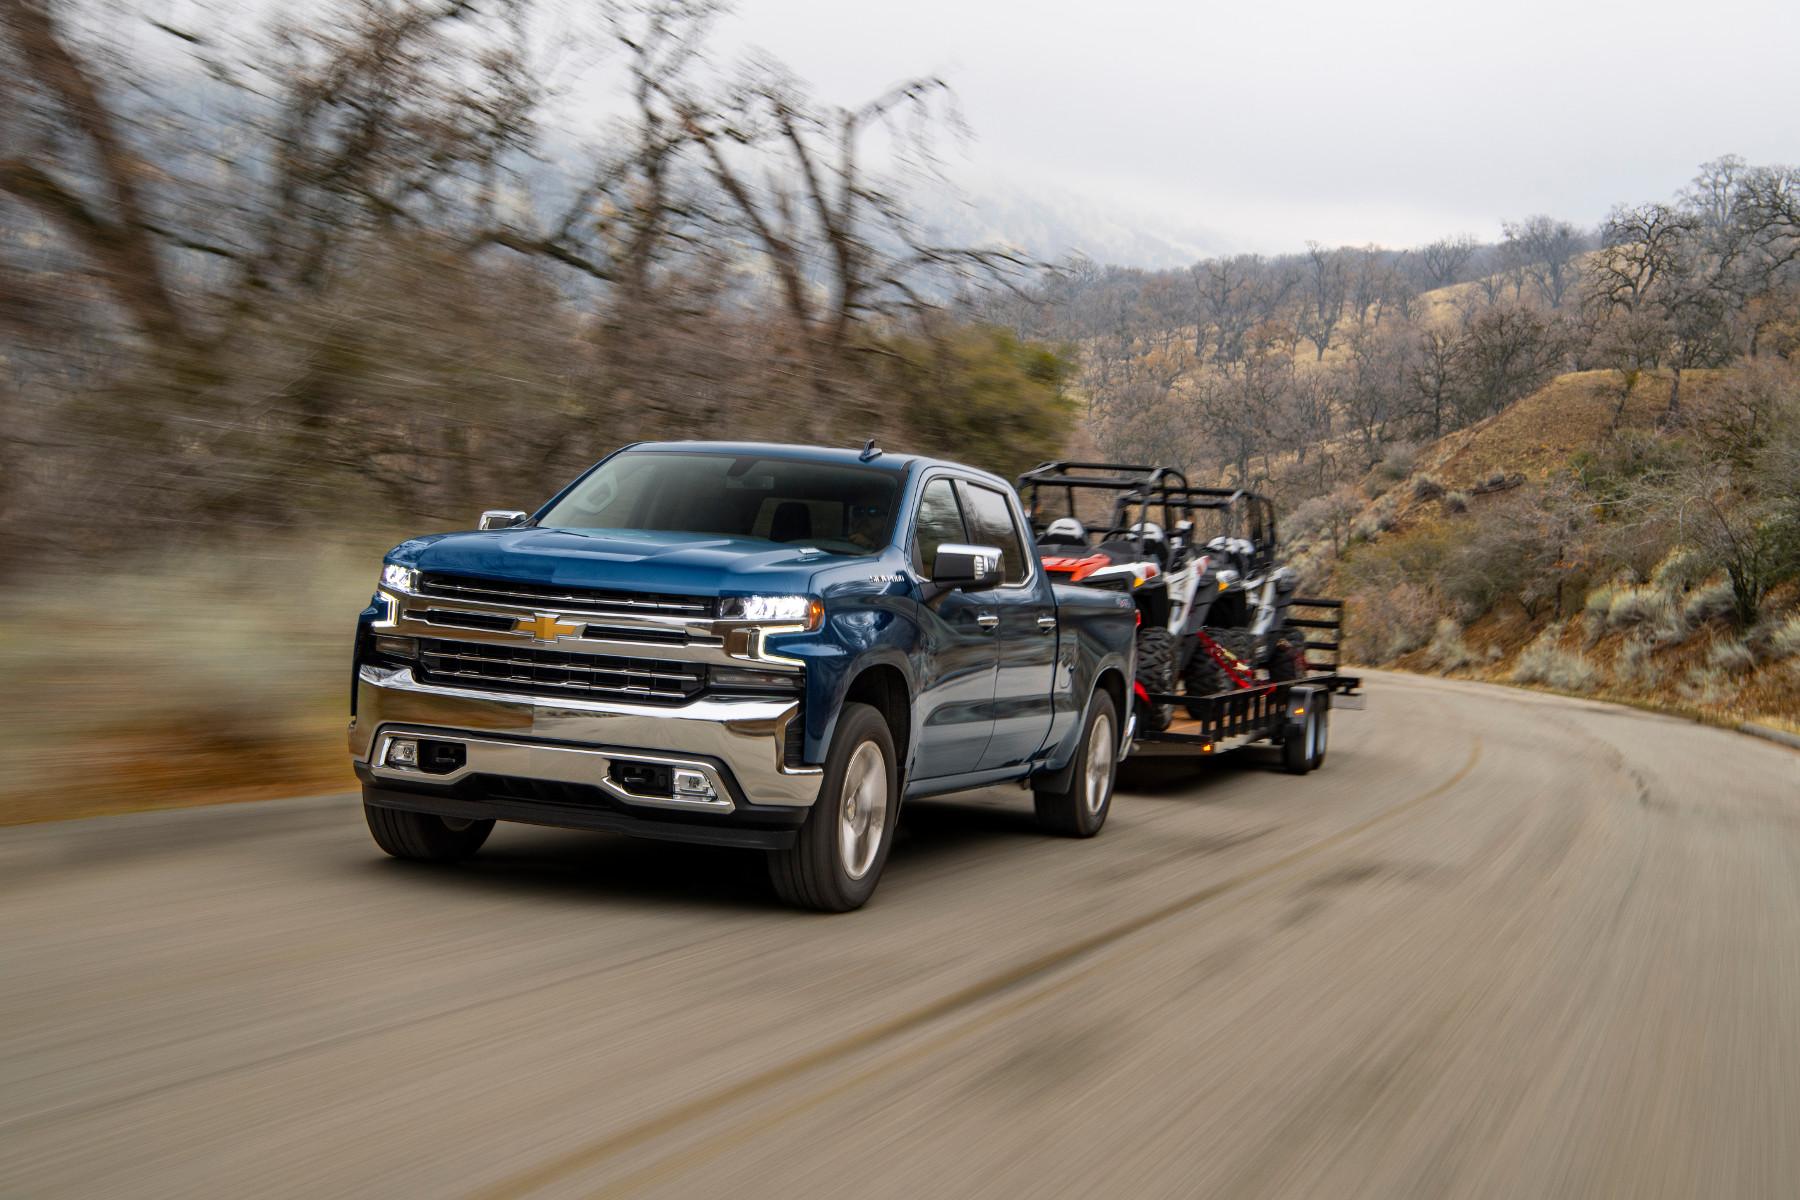 General Motors con sólidos resultados en el tercer trimestre